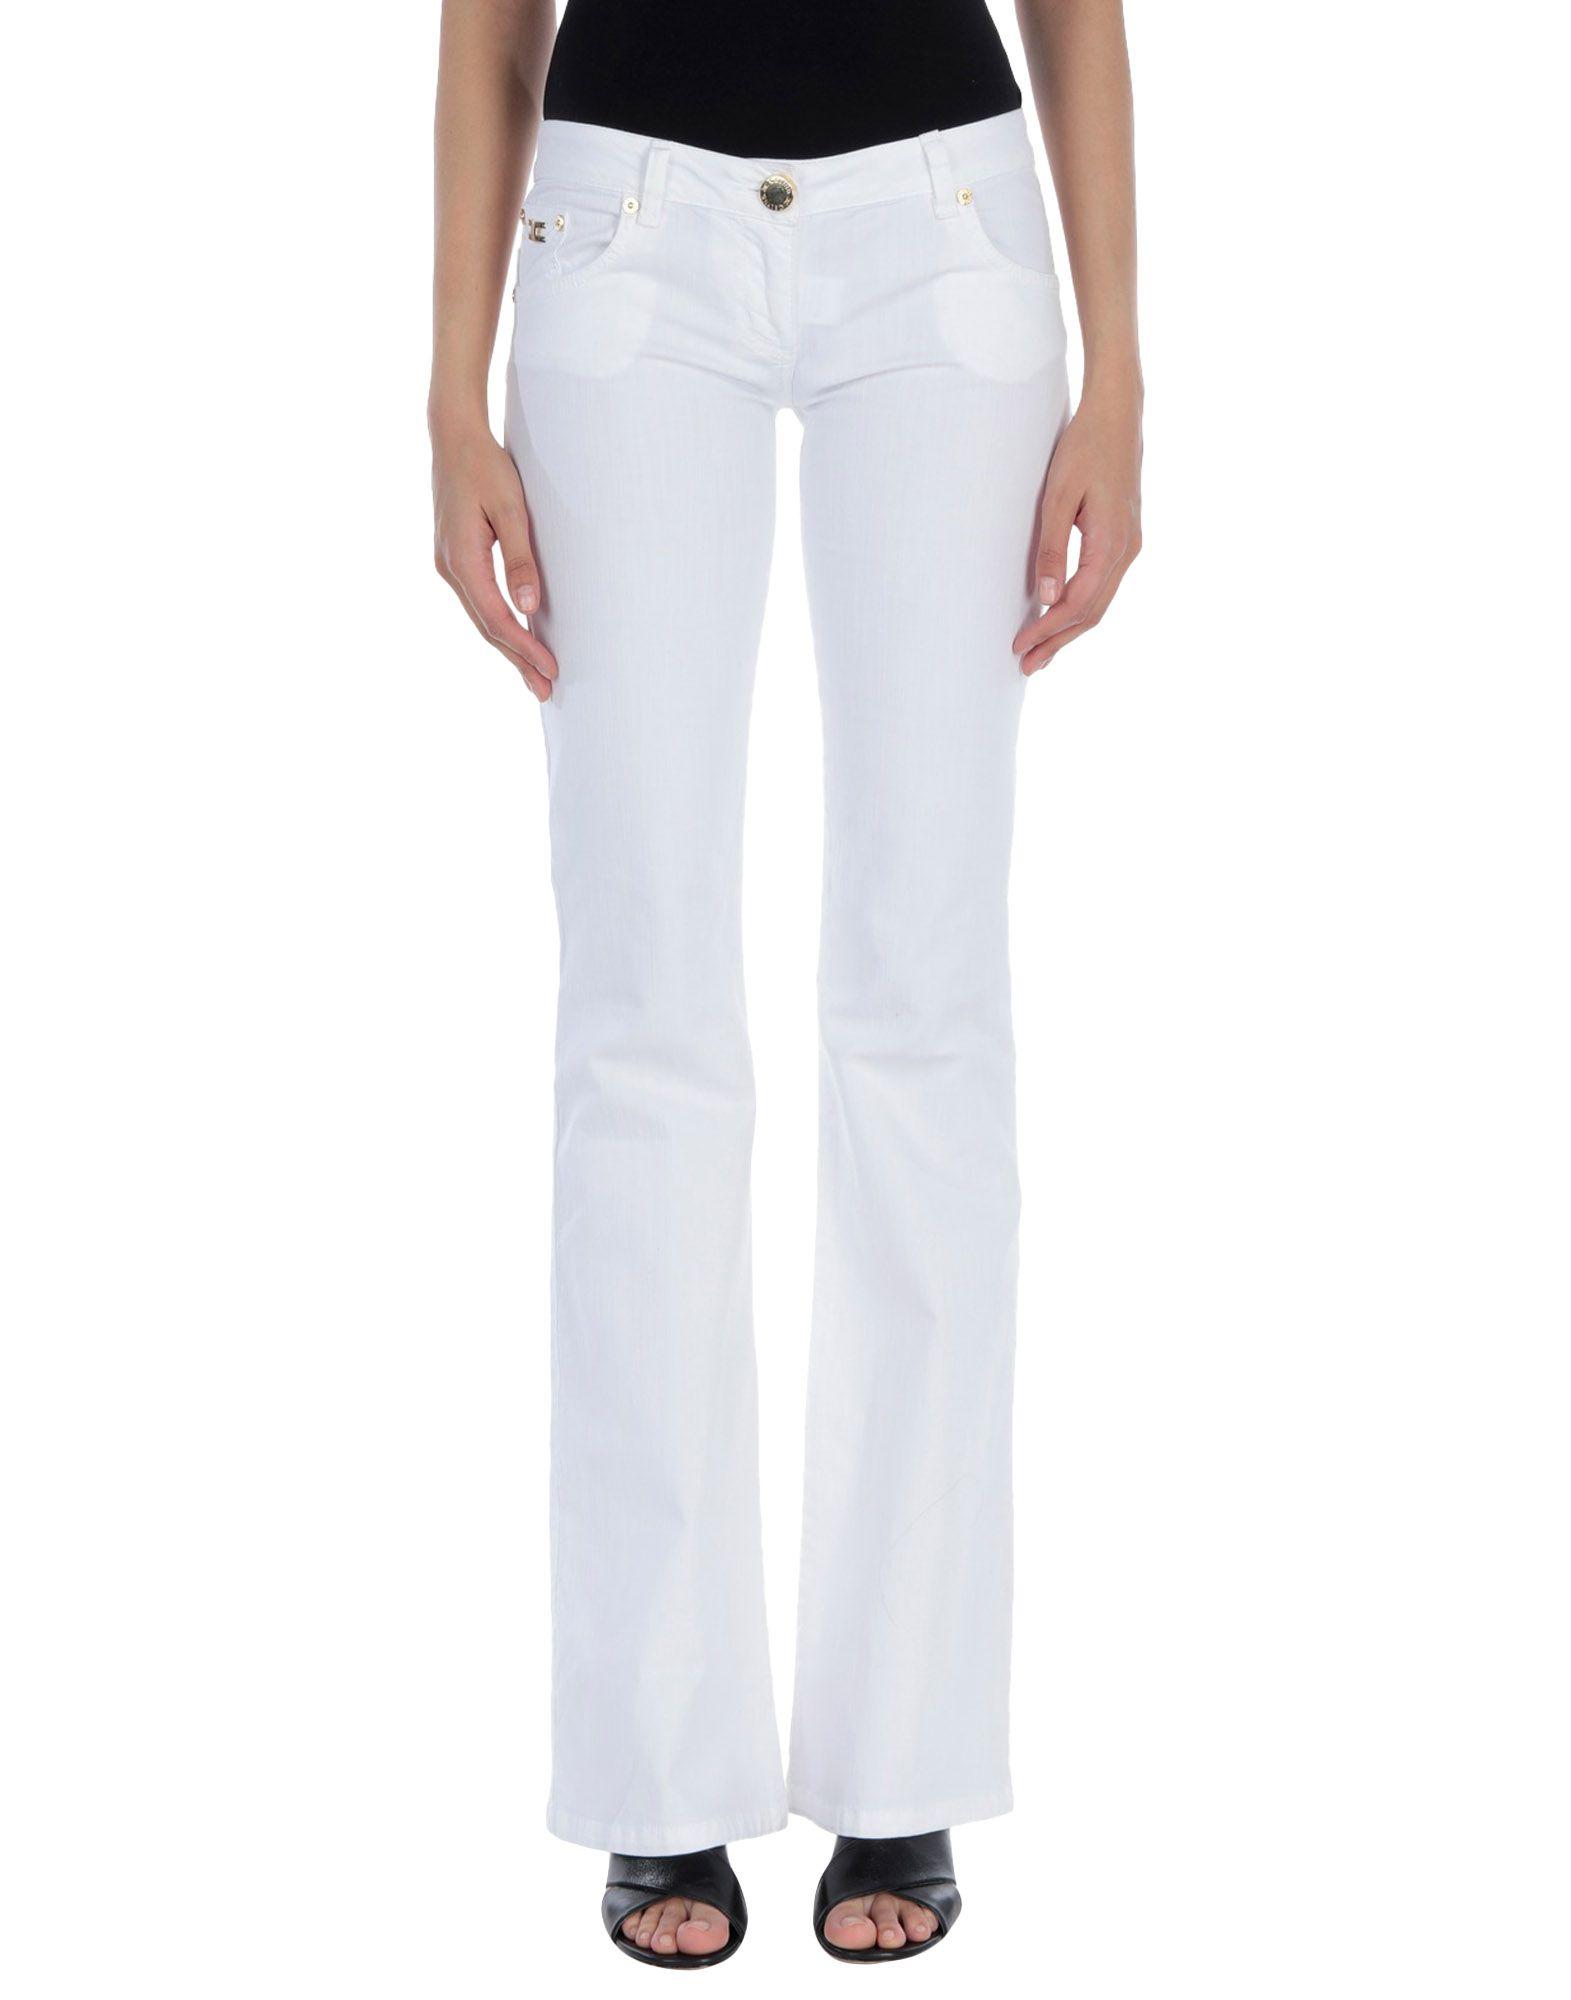 цены на ELISABETTA FRANCHI JEANS for CELYN B. Повседневные брюки  в интернет-магазинах